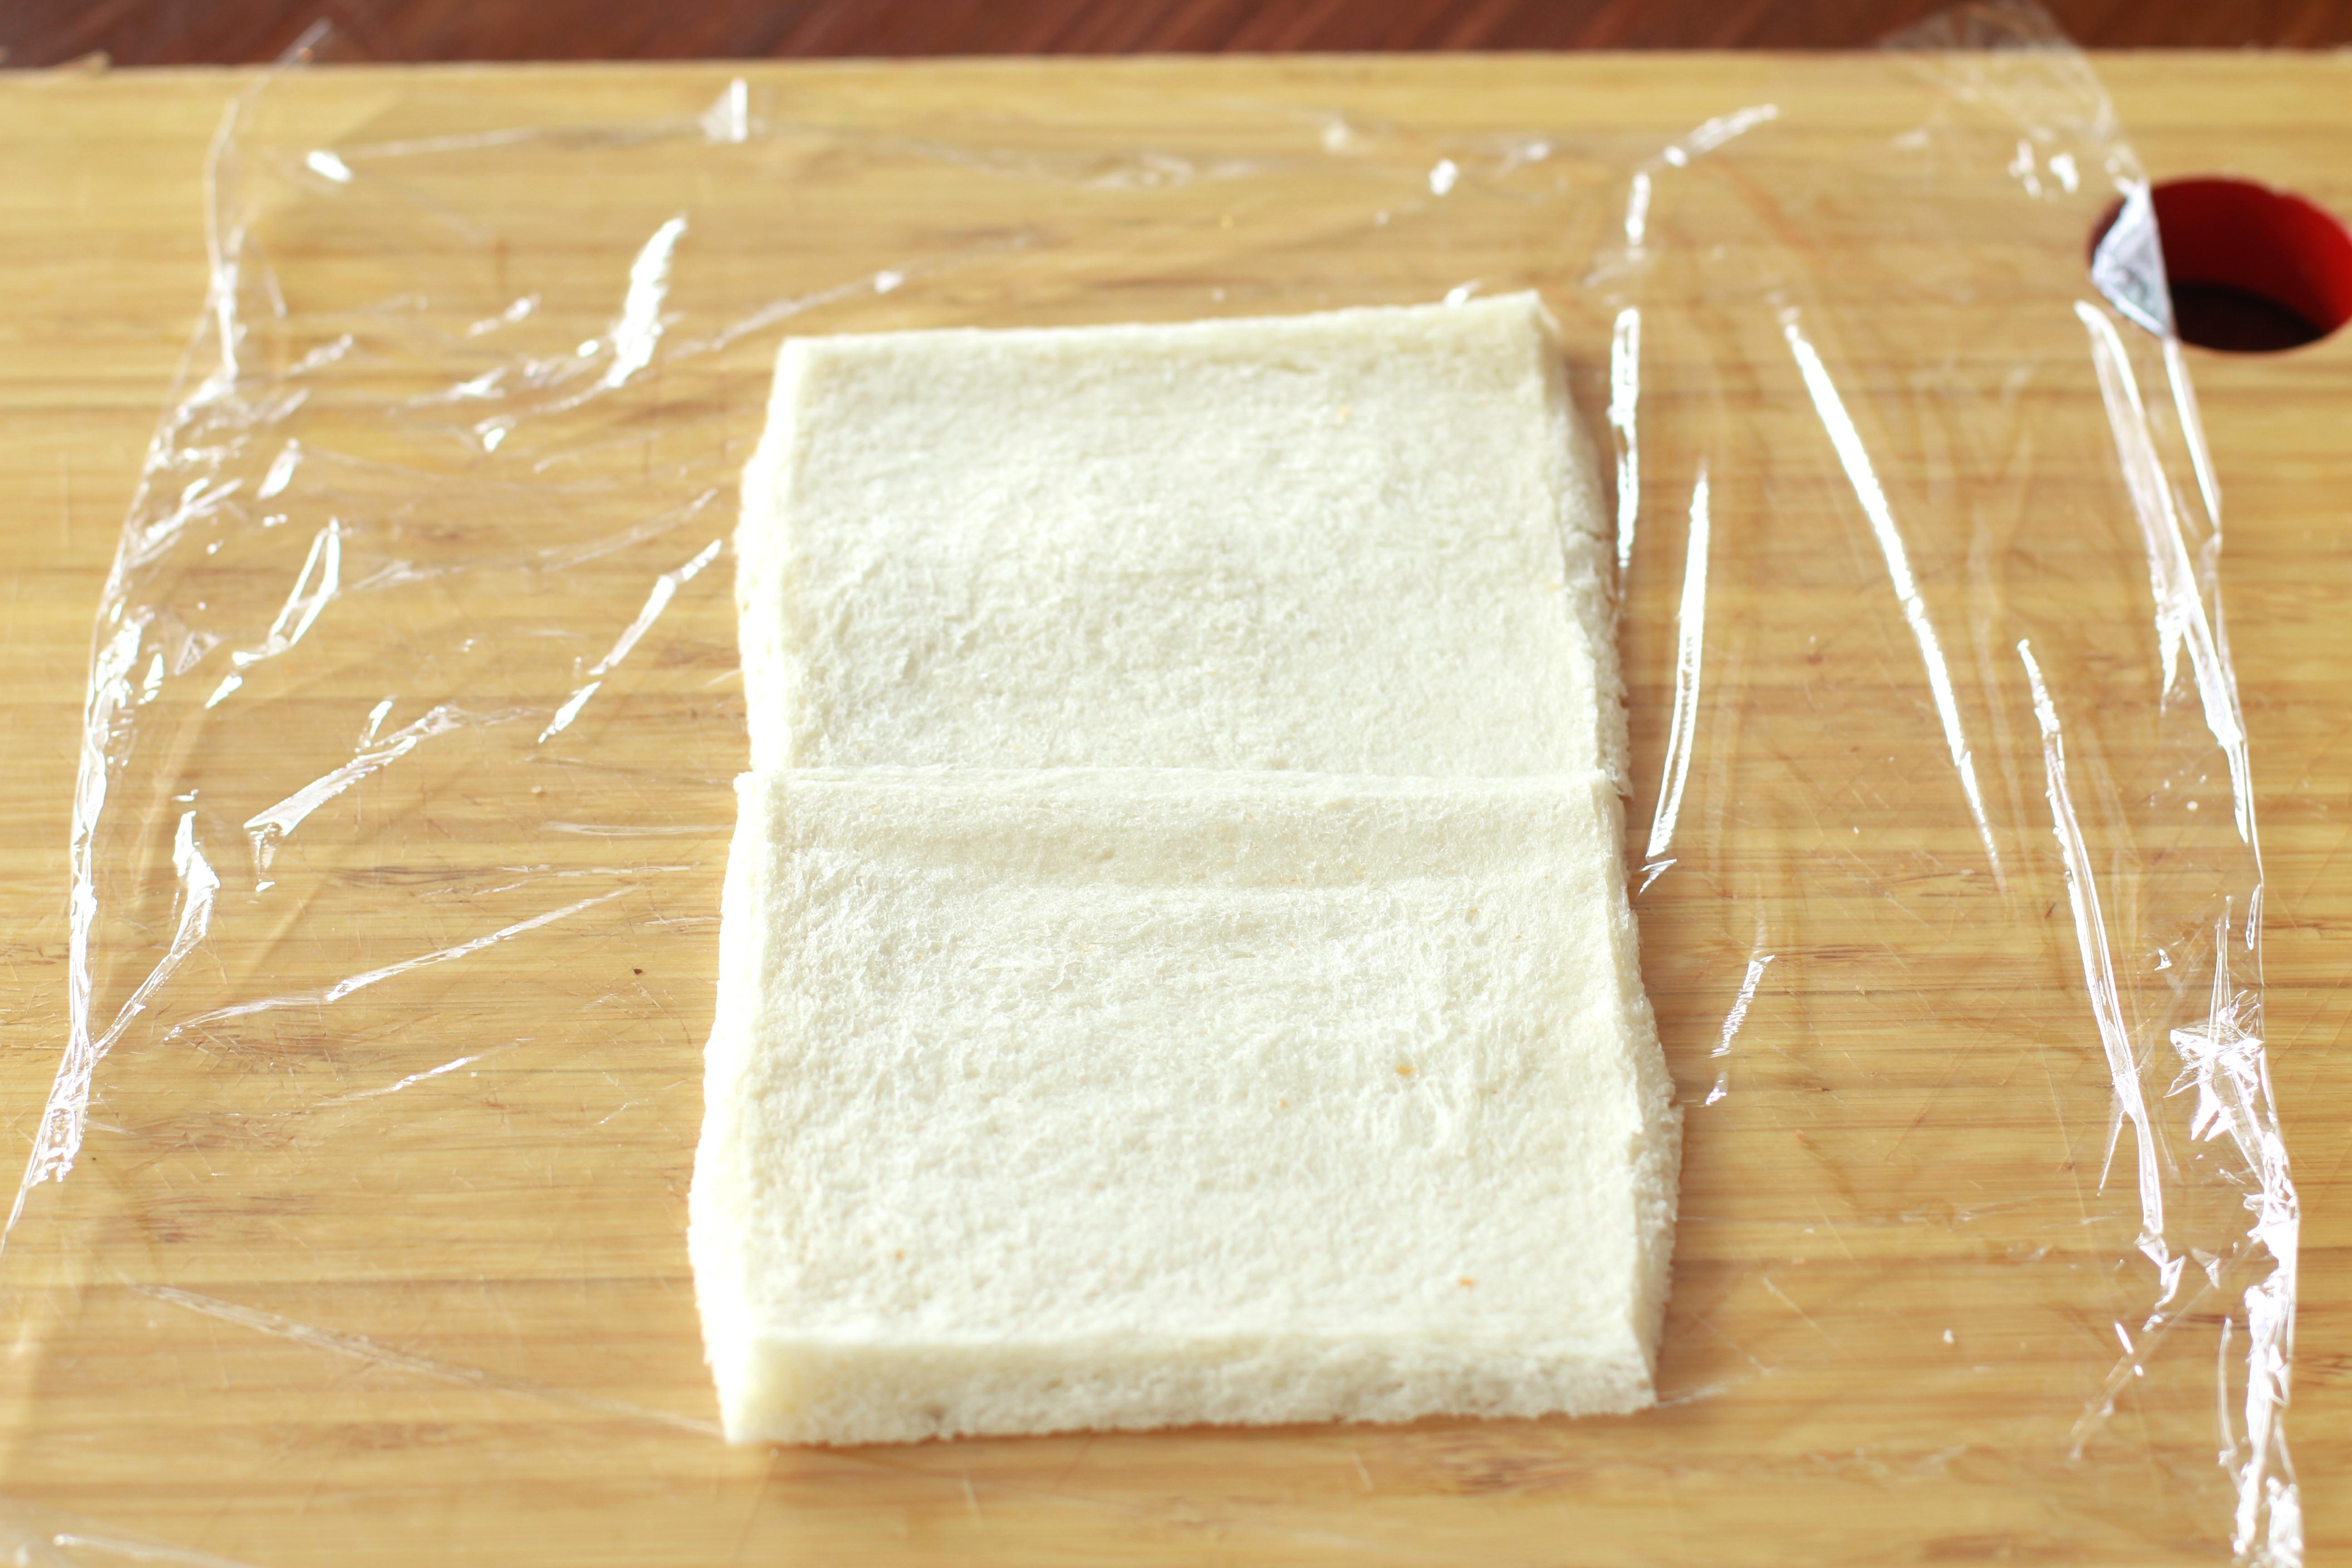 食パンであっという間に「ロールケーキ」をつくる裏ワザ